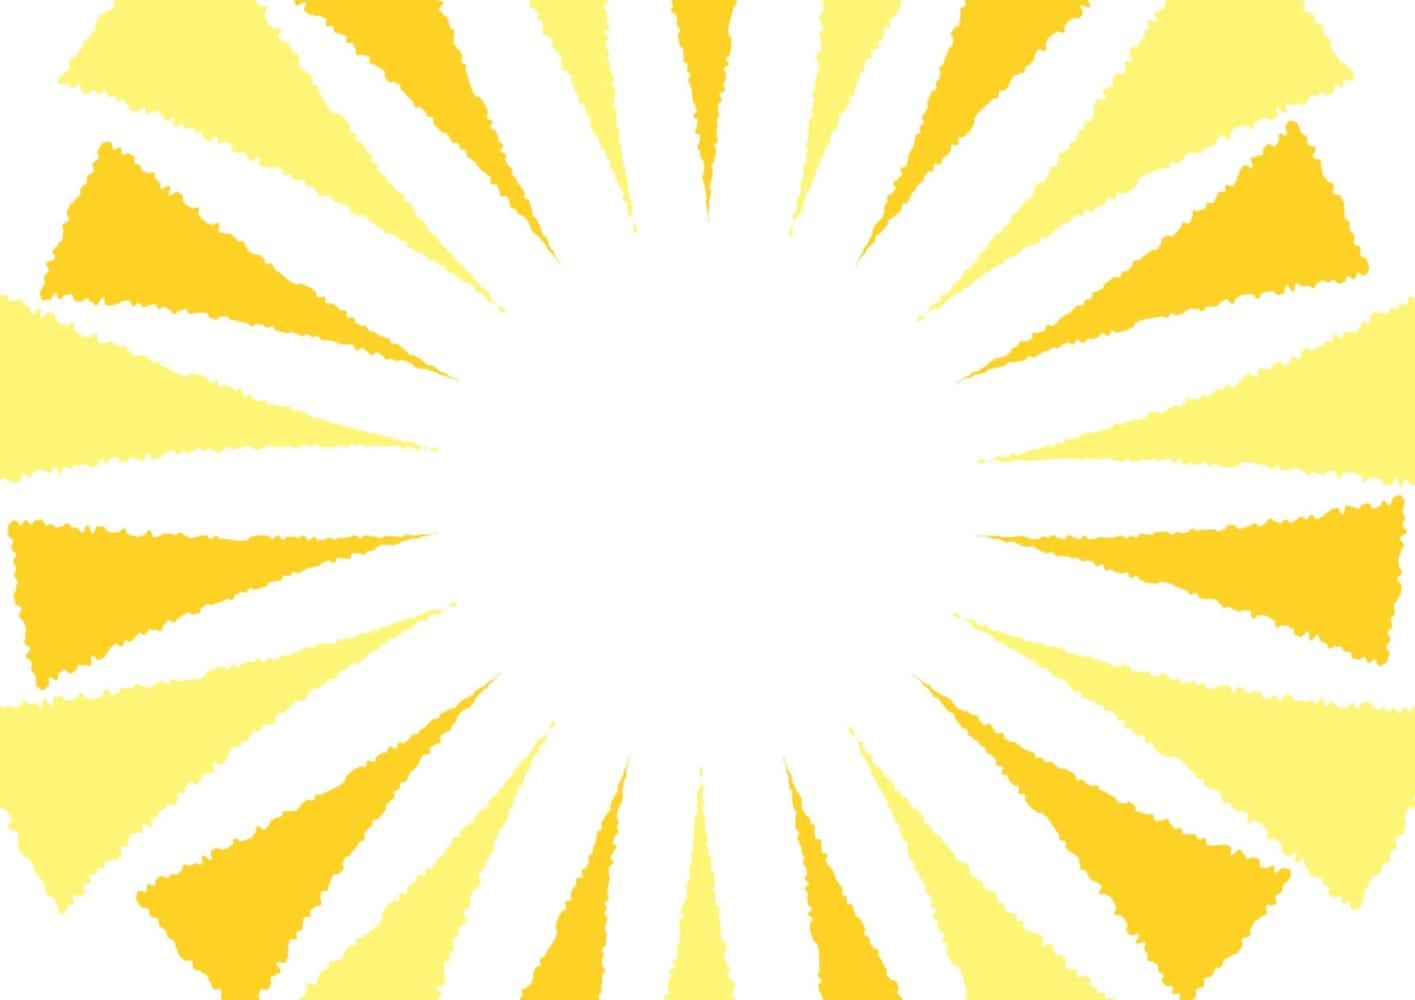 ギラギラ 背景 黄色 イラスト 無料